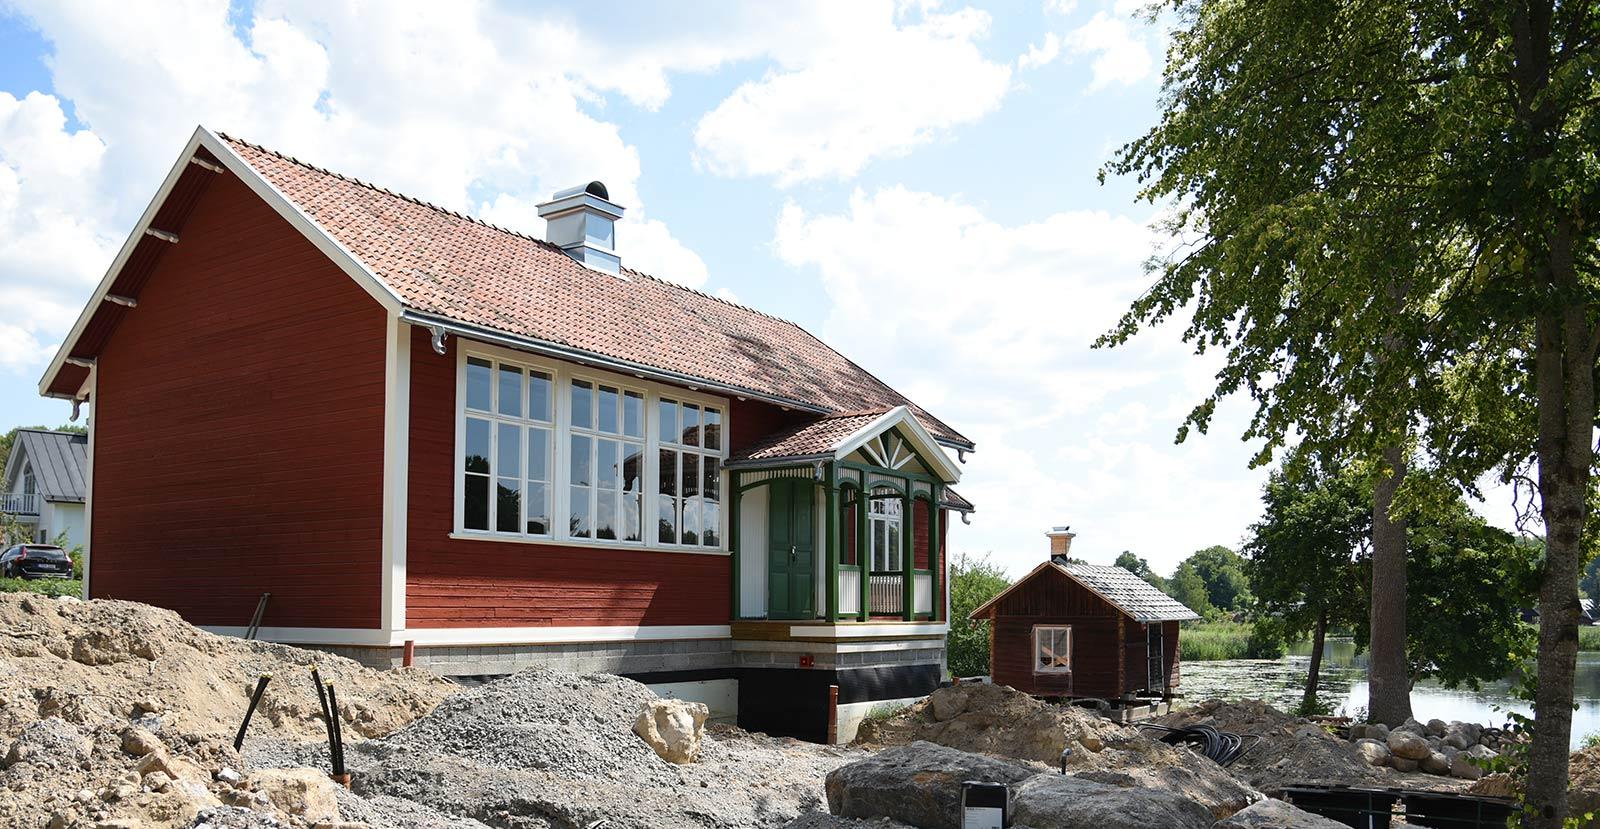 Renoveringen av Djulö lilla skola vid Dufweholms Herrgård pågår för fullt